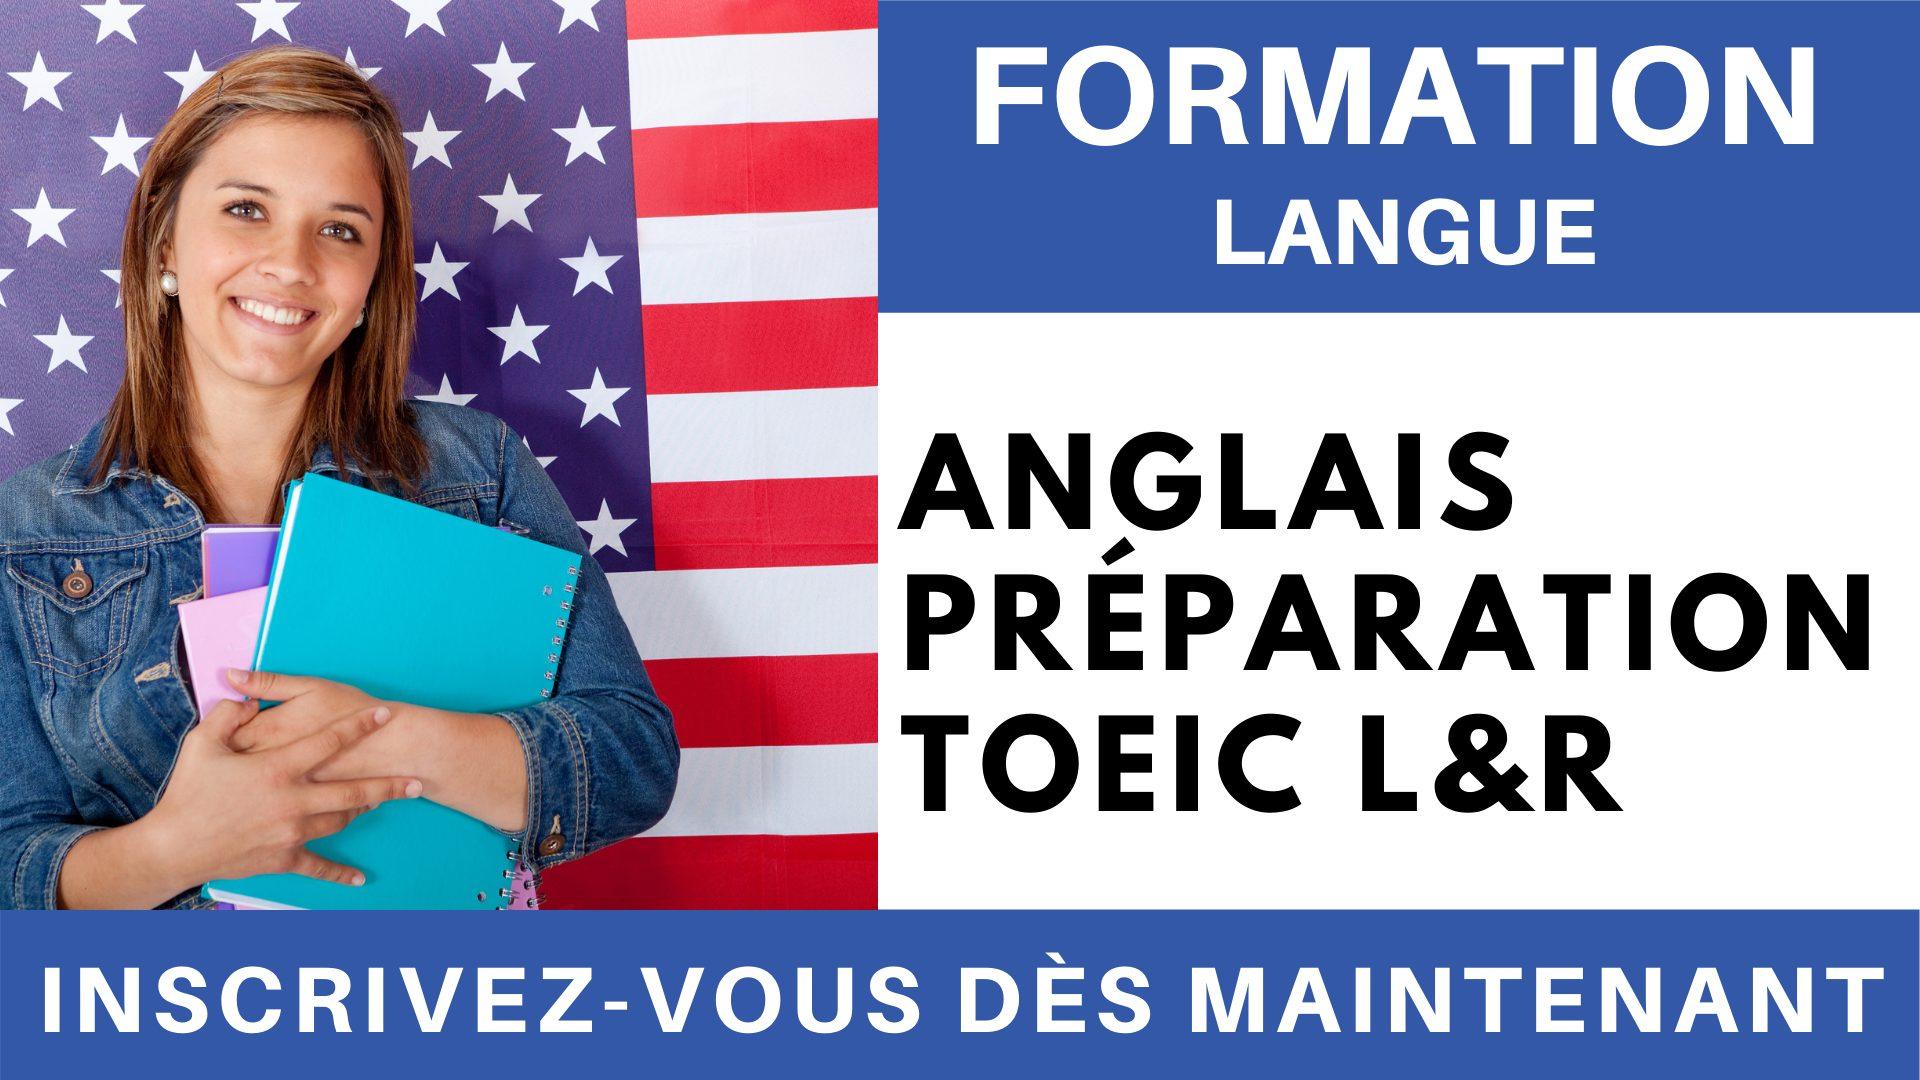 Formation Langue - Anglais Préparation TOEIC L&R